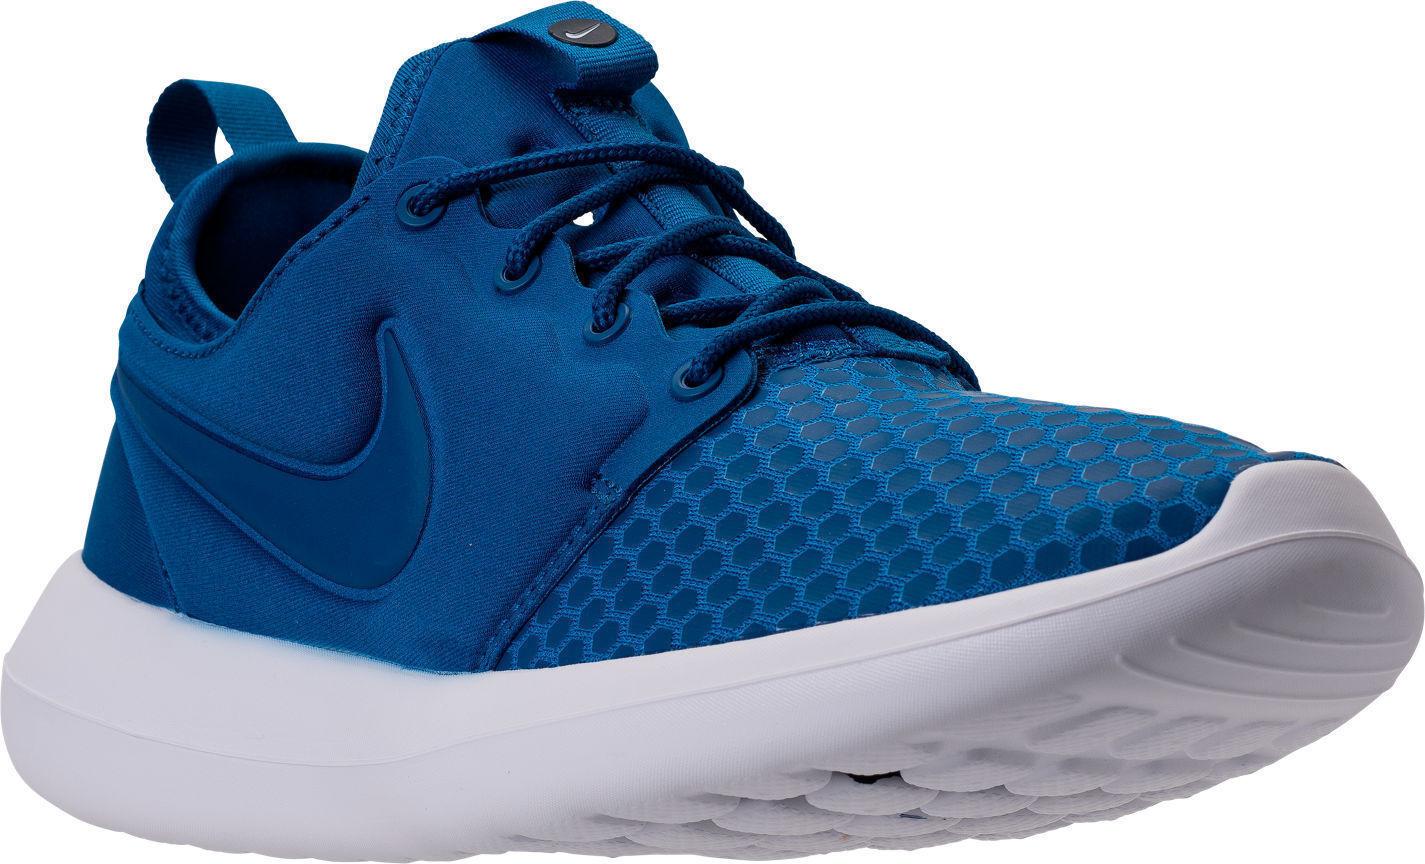 Nike roshe zwei se männer laufschuhe, blau - weiße 918245 400 größe 10 - 13.